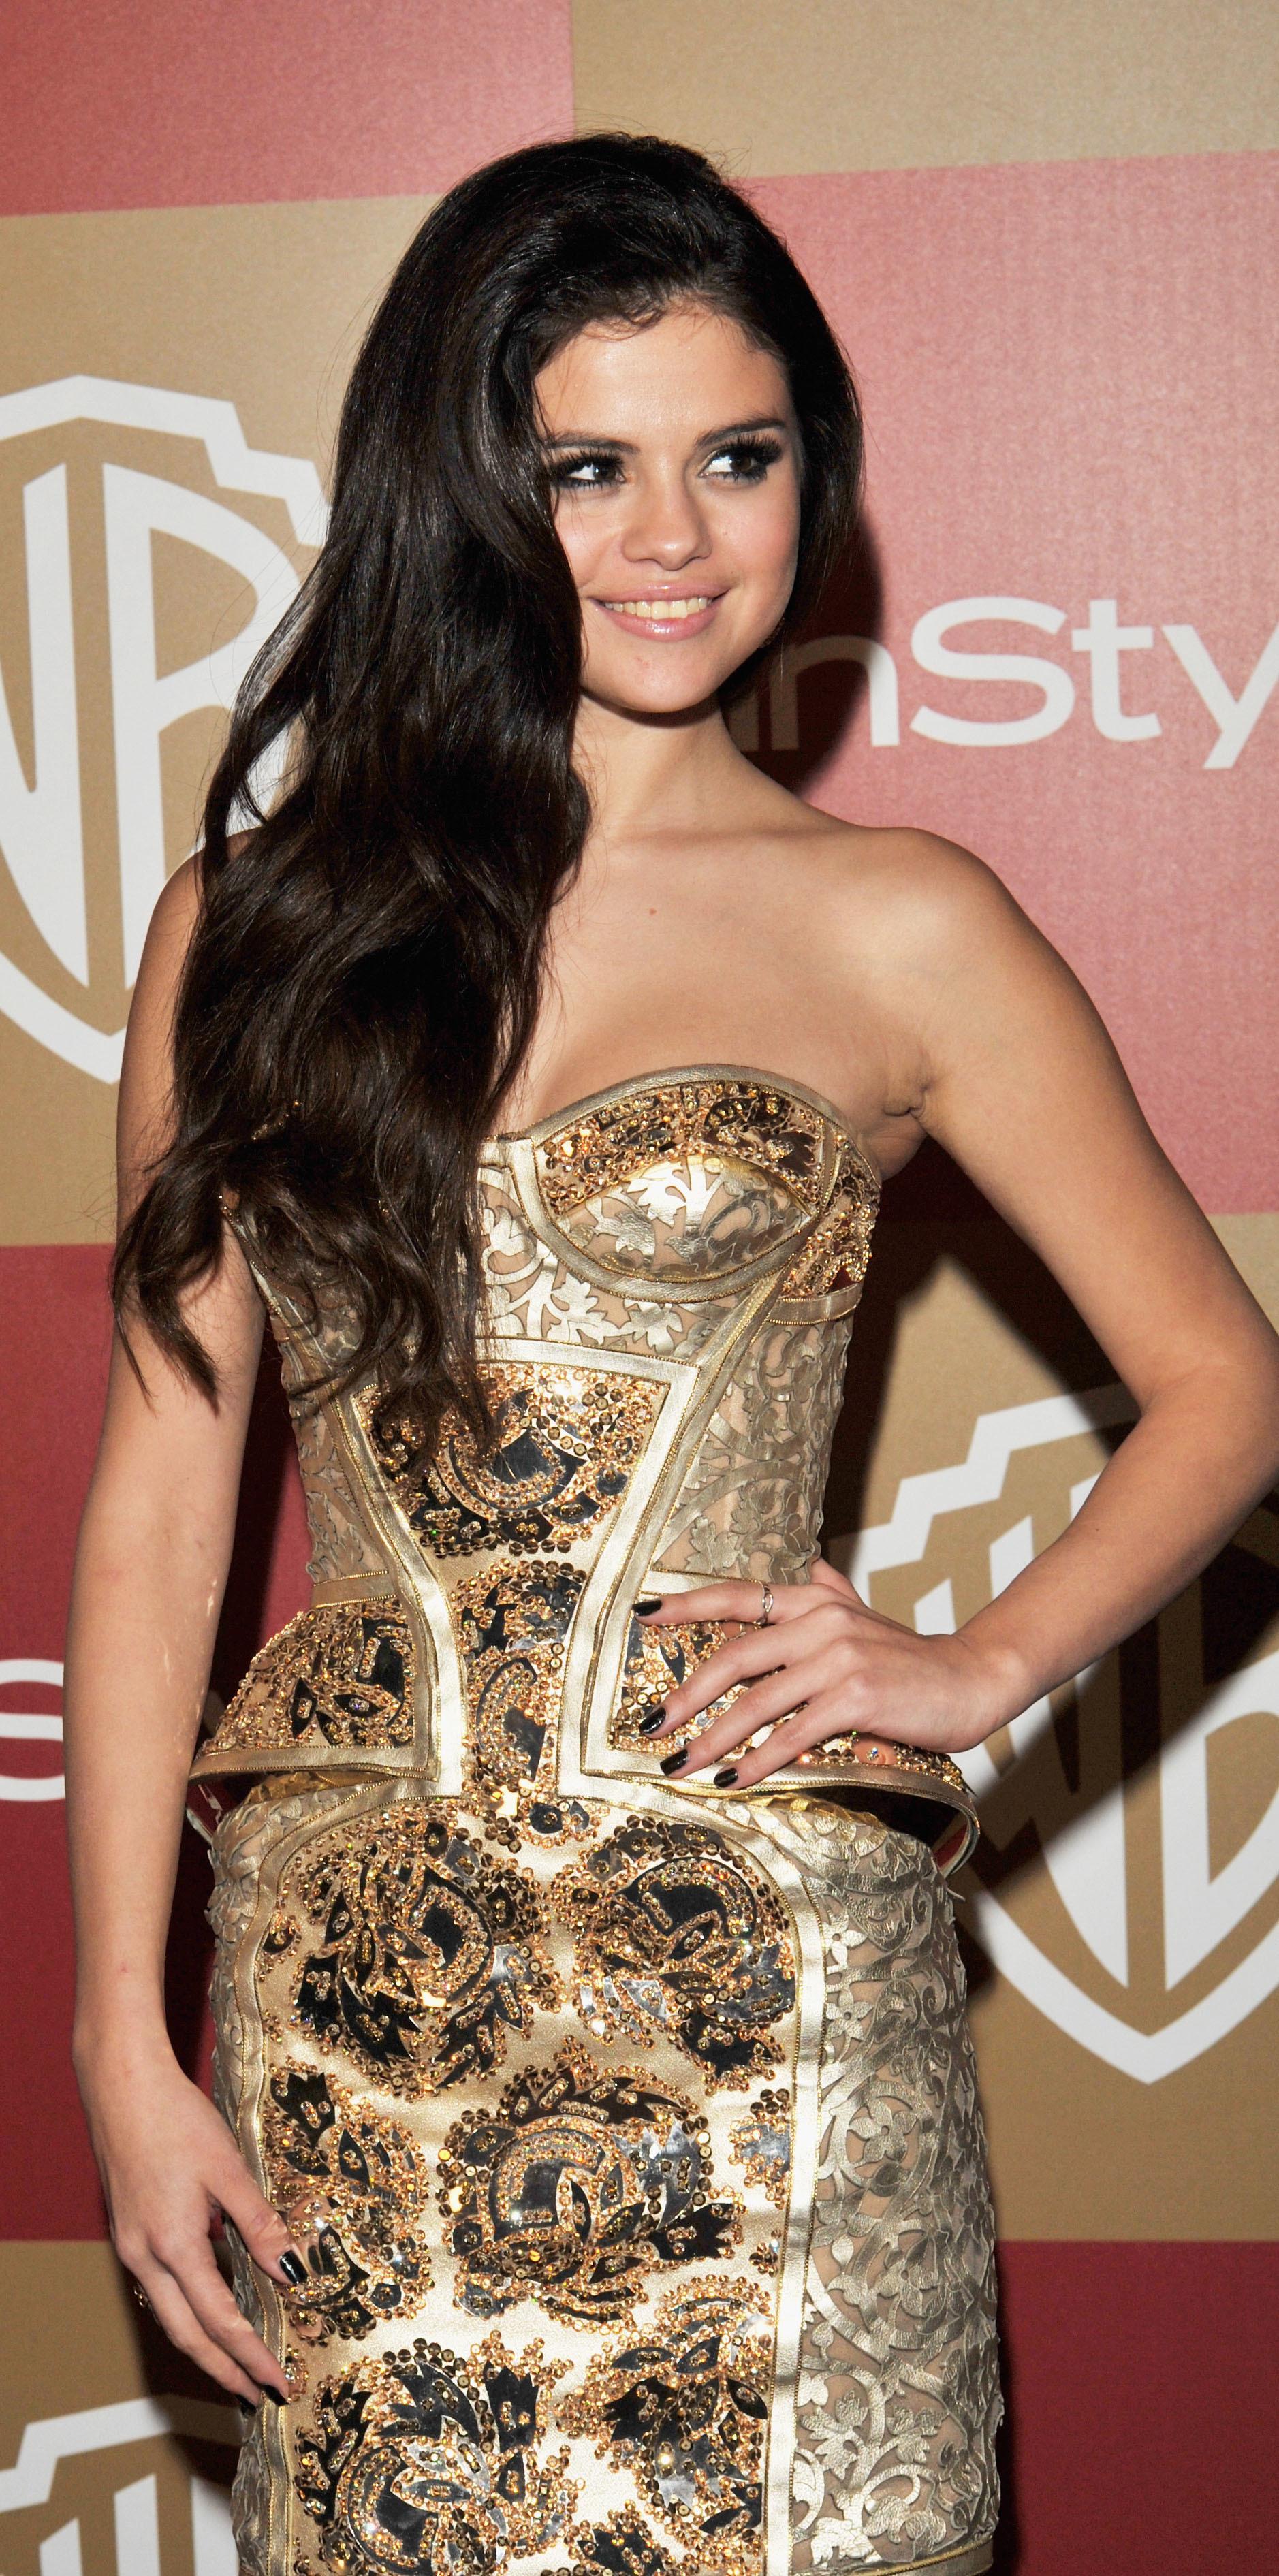 Selena Gomez 21st birthday